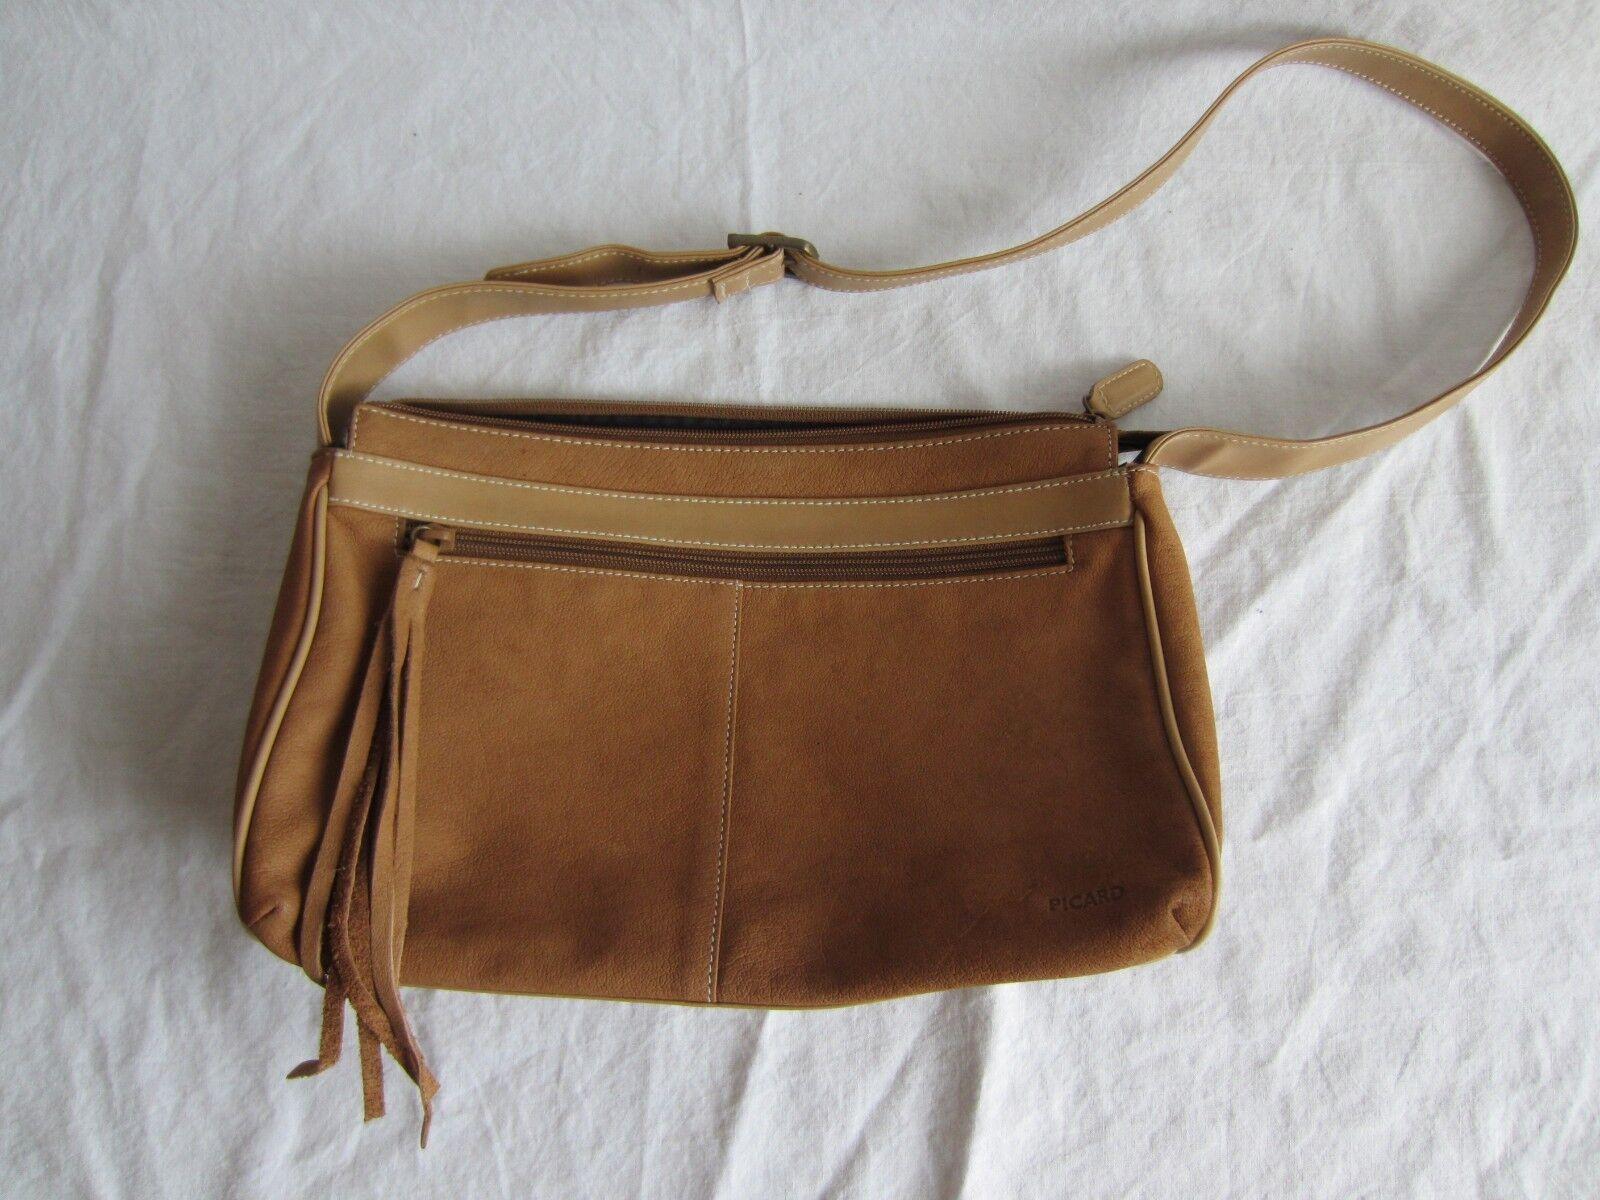 3a5e9bf9d19de PICARD Handtasche braun braun braun 27x17 cm guter Zustand Tasche Echt Leder